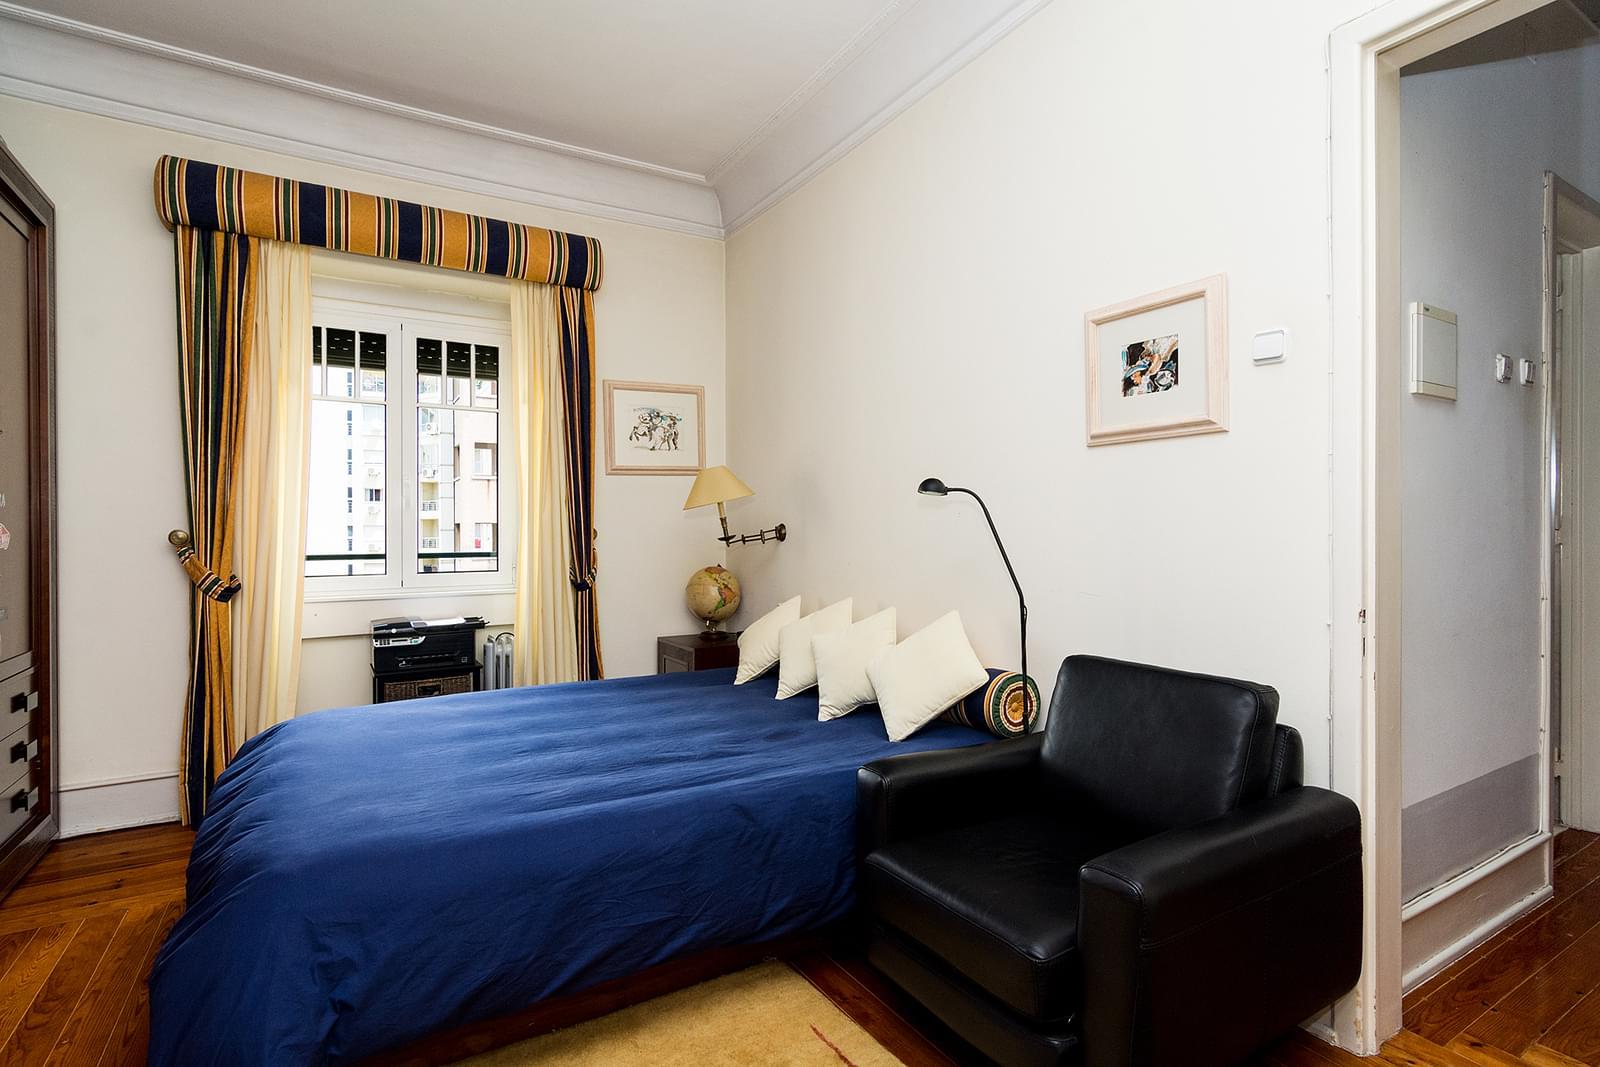 pf17510-apartamento-t4-1-lisboa-822af472-70b9-480e-897a-70eeb9776694